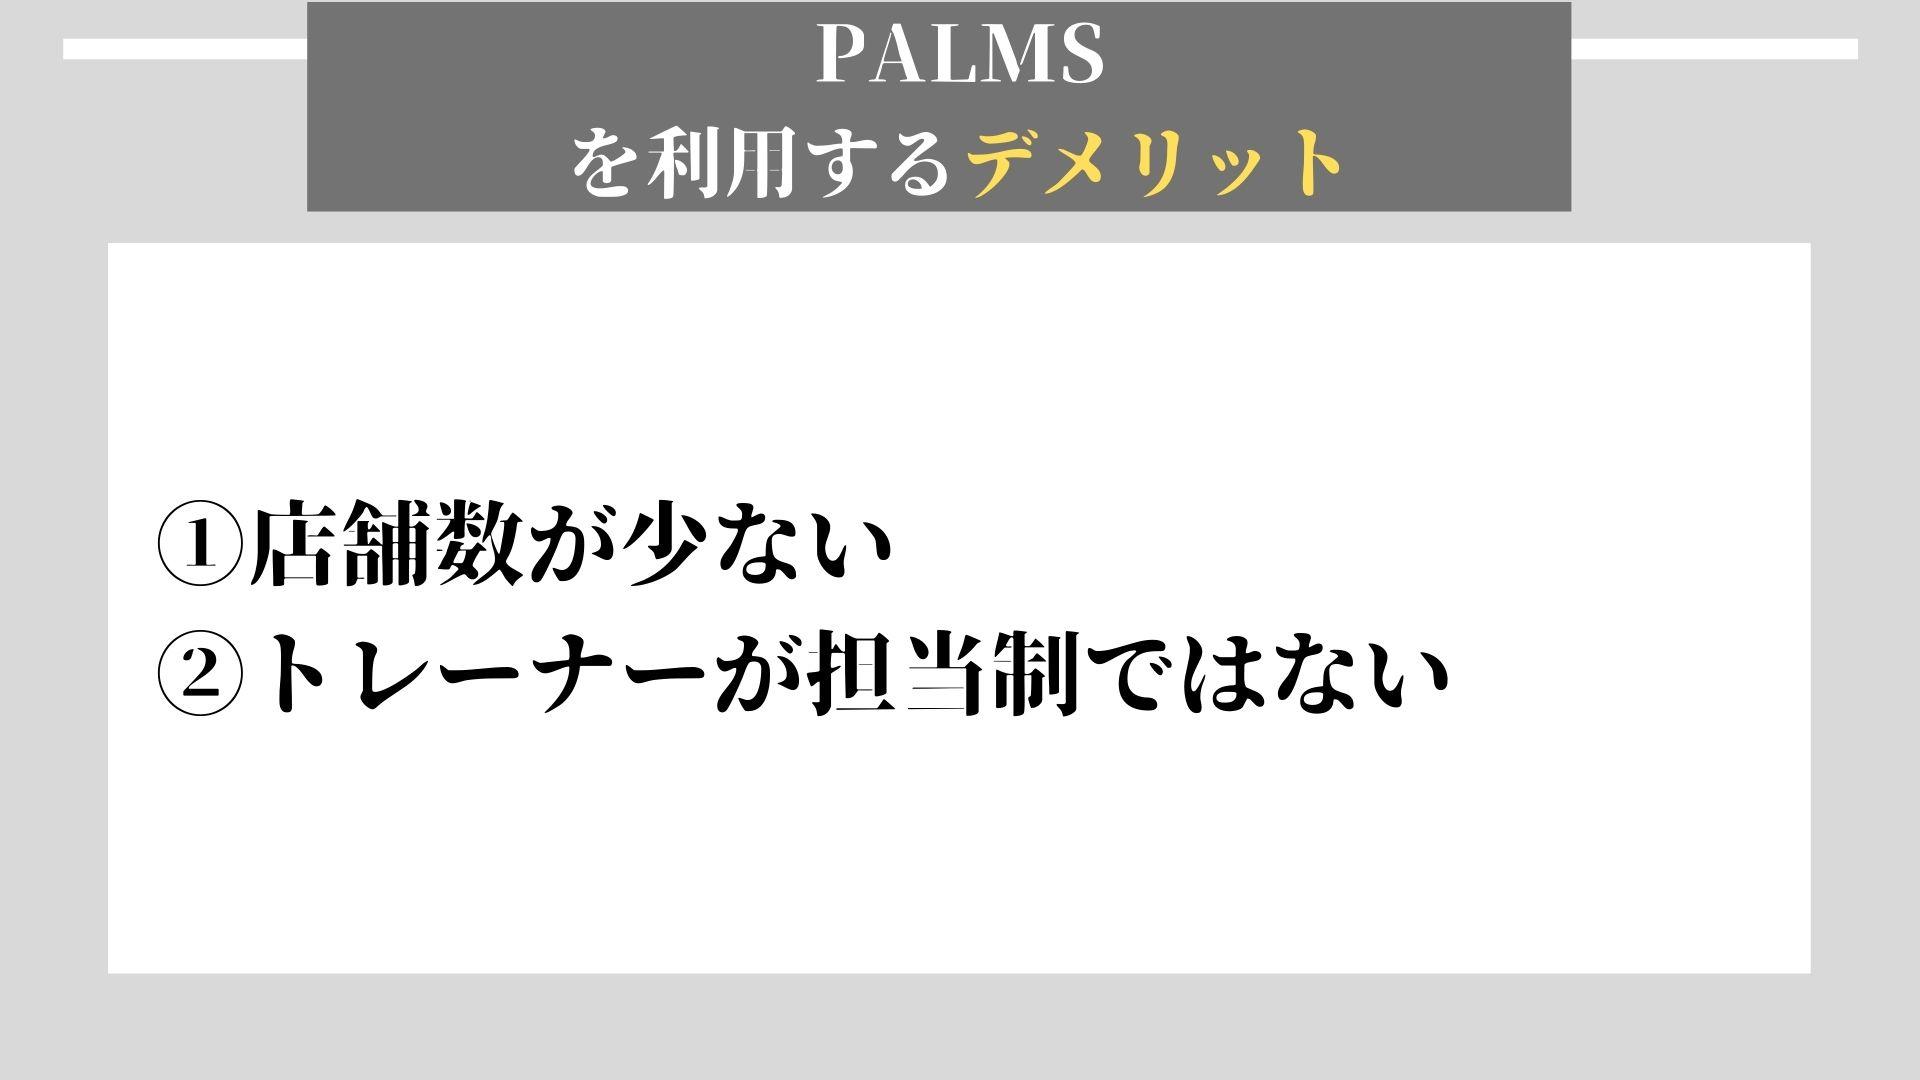 PALMS デメリット